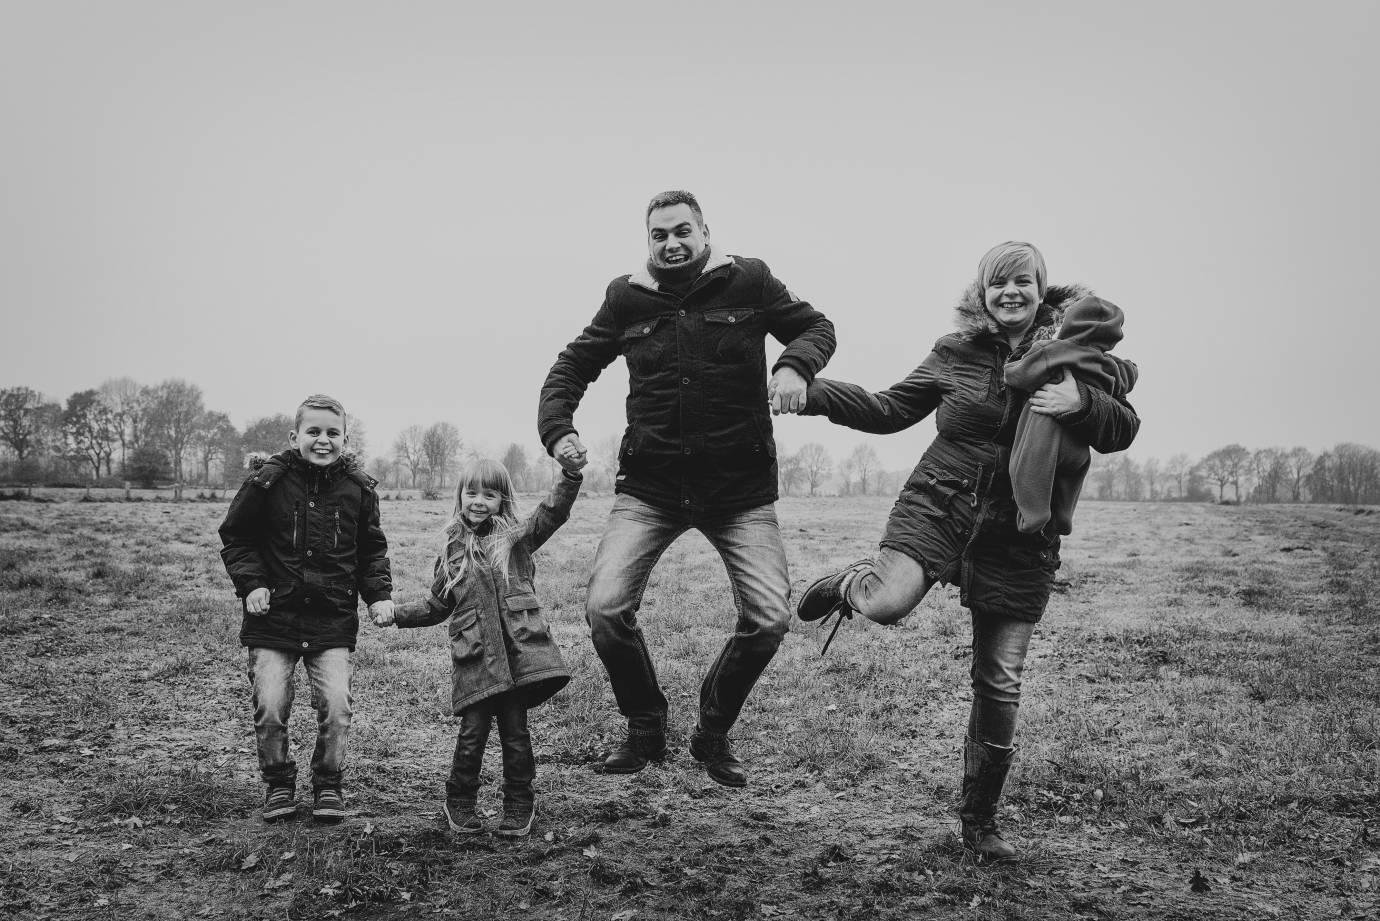 familienfotos ohz 17 - Familienfotos von Familie Schmidt